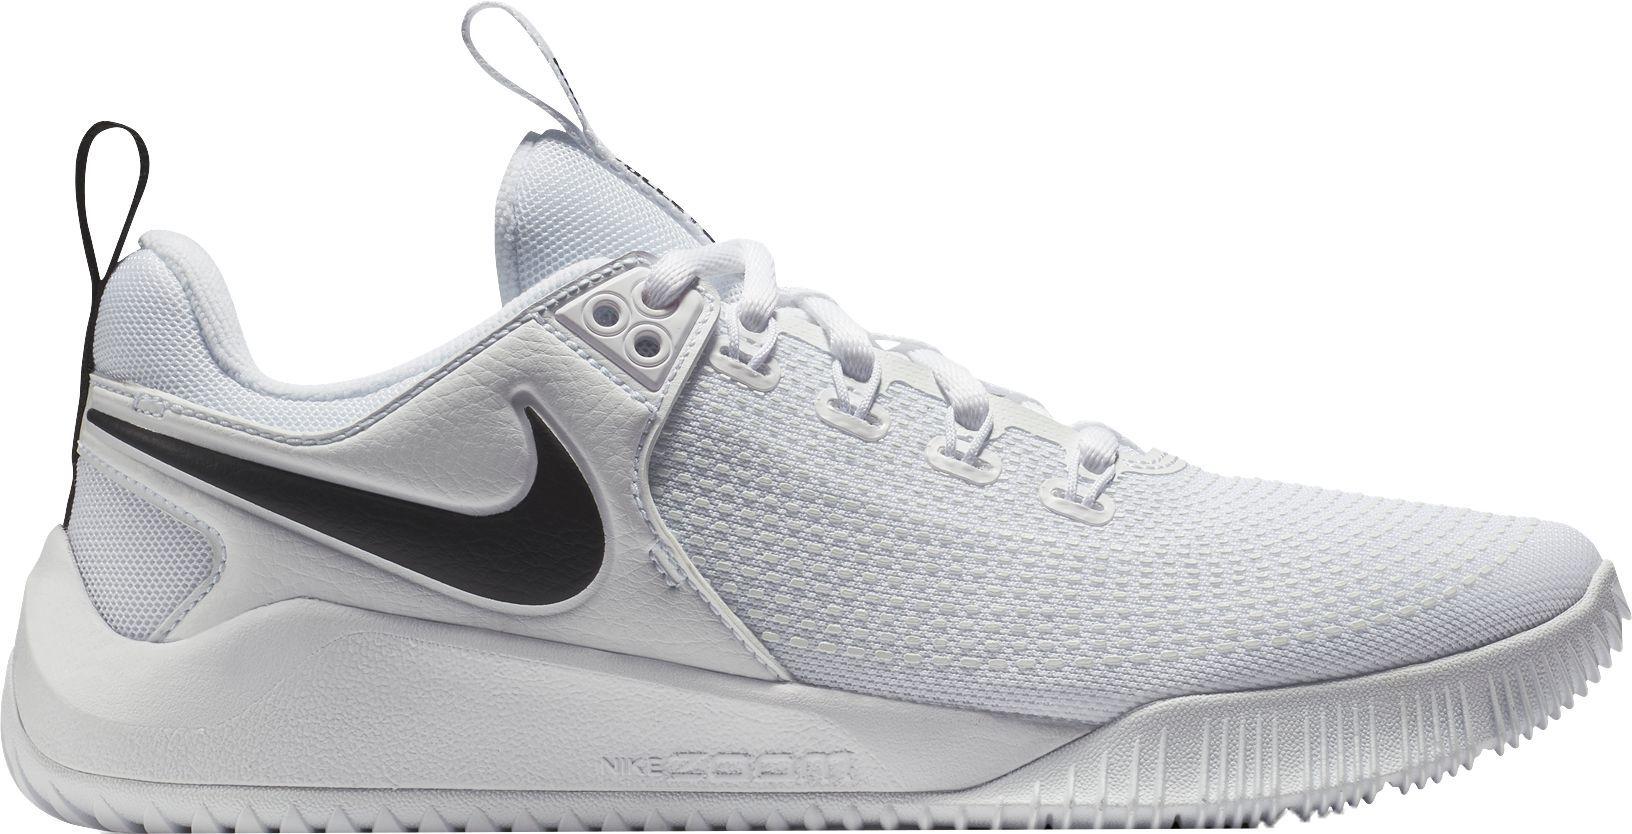 Nike Women S Zoom Hyperace 2 Volleyball Shoes In 2020 Volleyball Shoes Nike Volleyball Shoes Nike Shoes Women